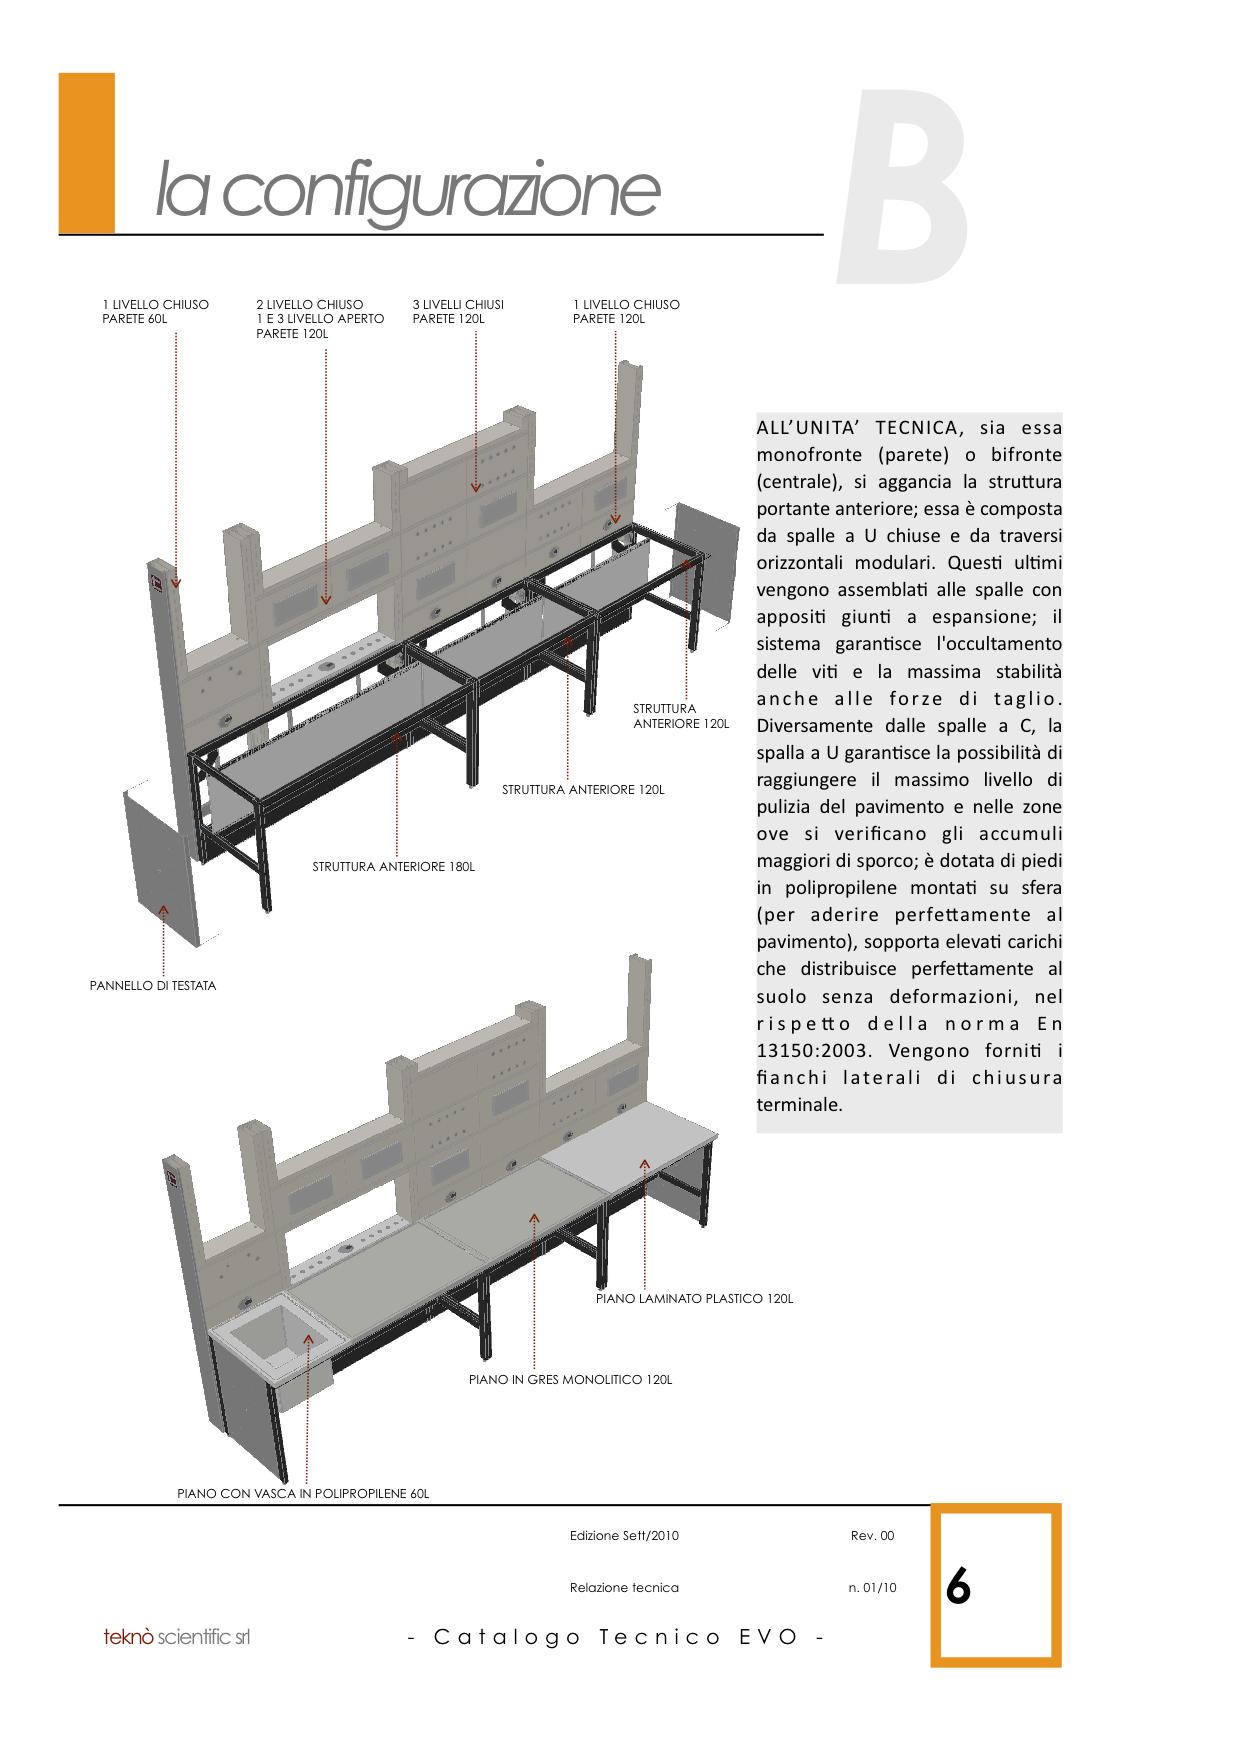 EVO Catalogo Tecnico Generale copia 6.png